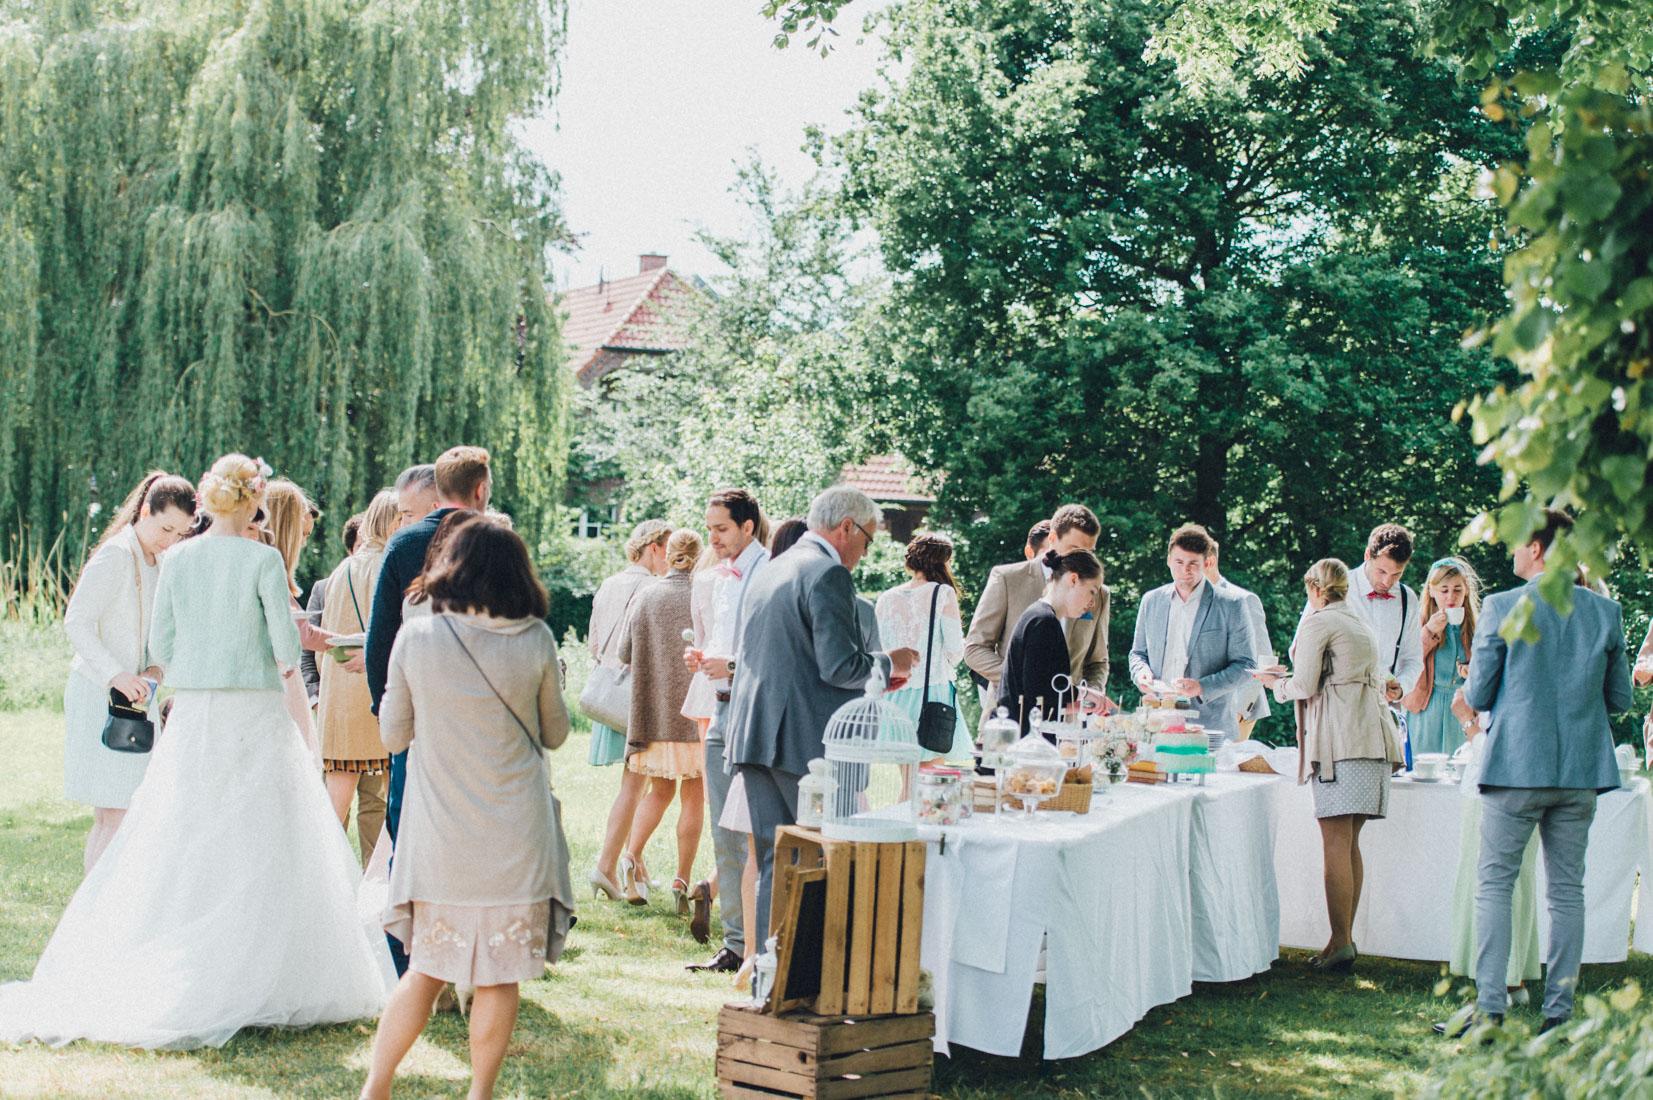 pastel-vintage-hertefeld-106 hochzeitsfotograf schloss hertefeldGalina & Robert DIY Pastel Vintage Hochzeit auf Schloss Hertefeldpastel vintage hertefeld 106